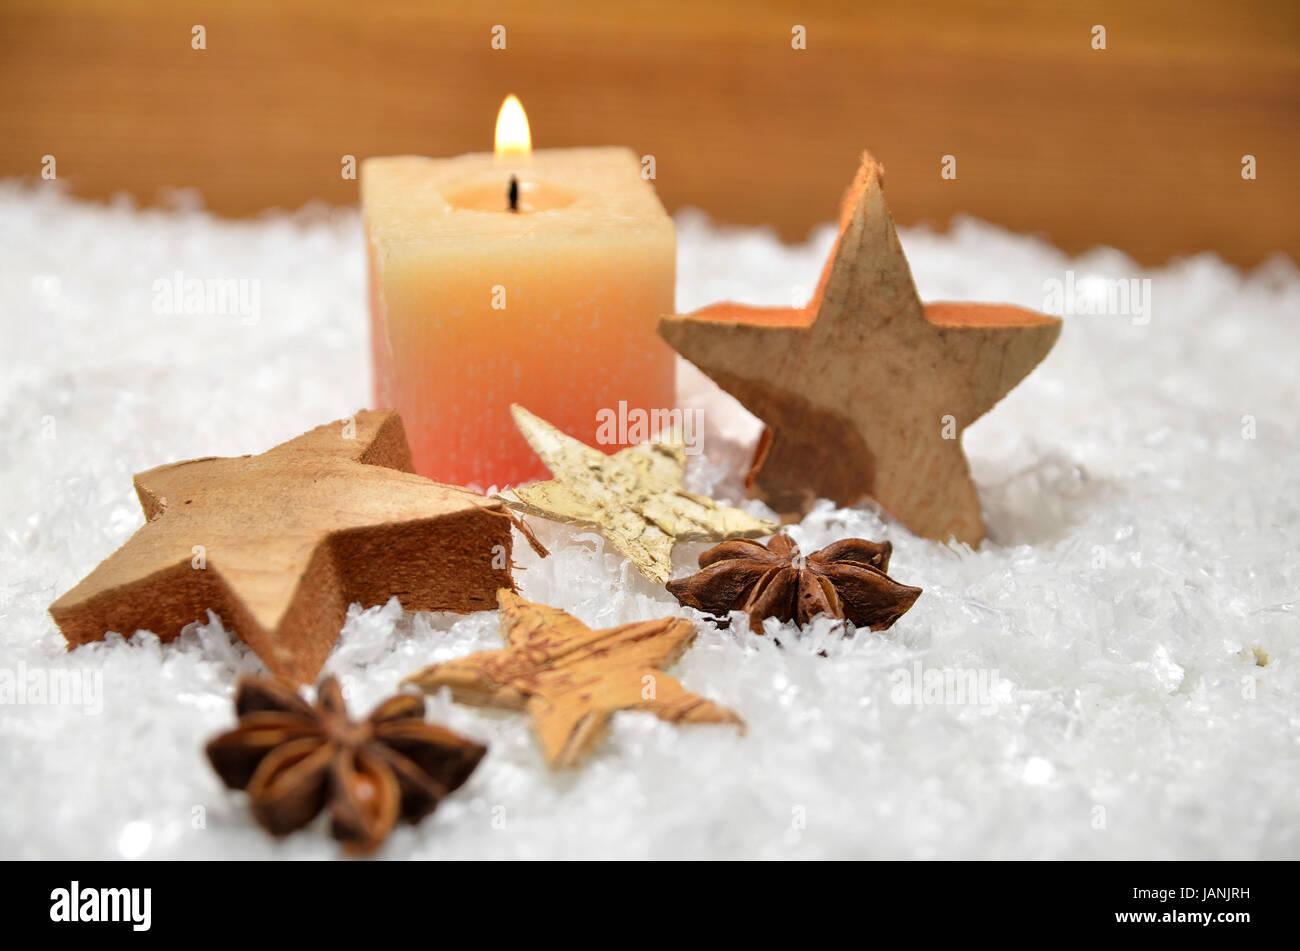 Weihnachten kerze schnee holzstern dekoration advent stock - Dekoration advent ...